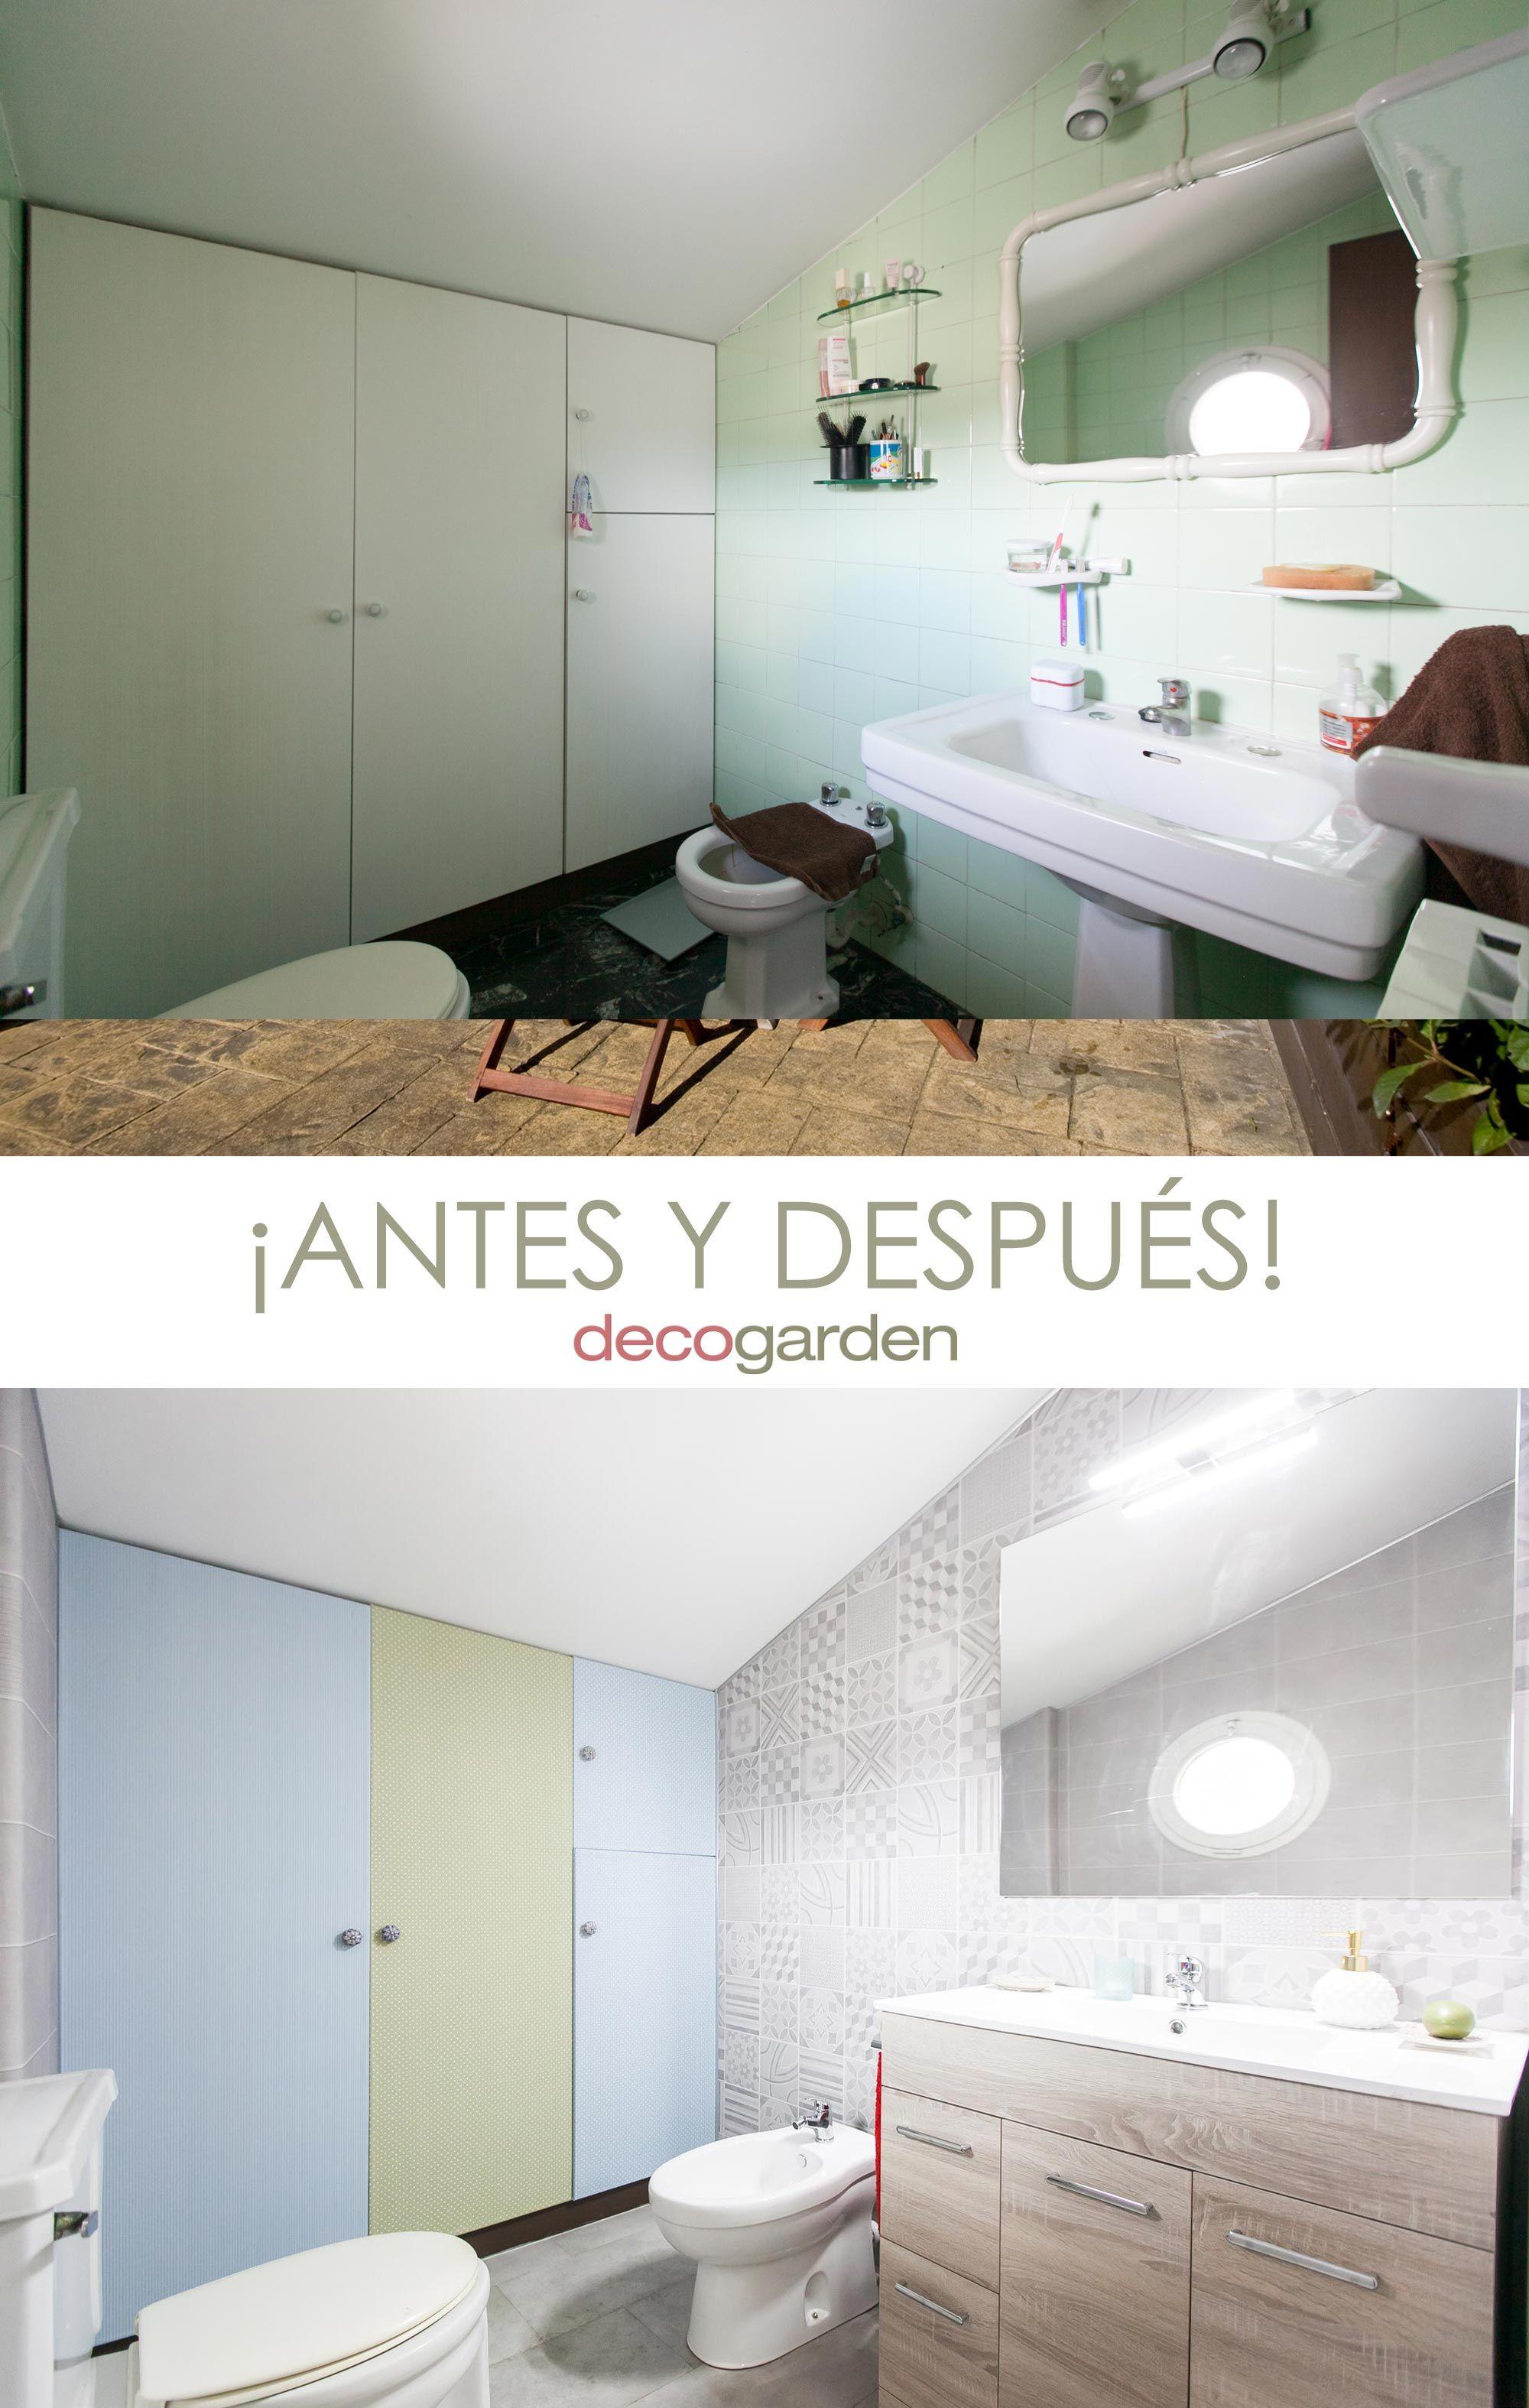 renouveler les toilettes sans travaux - avant et après